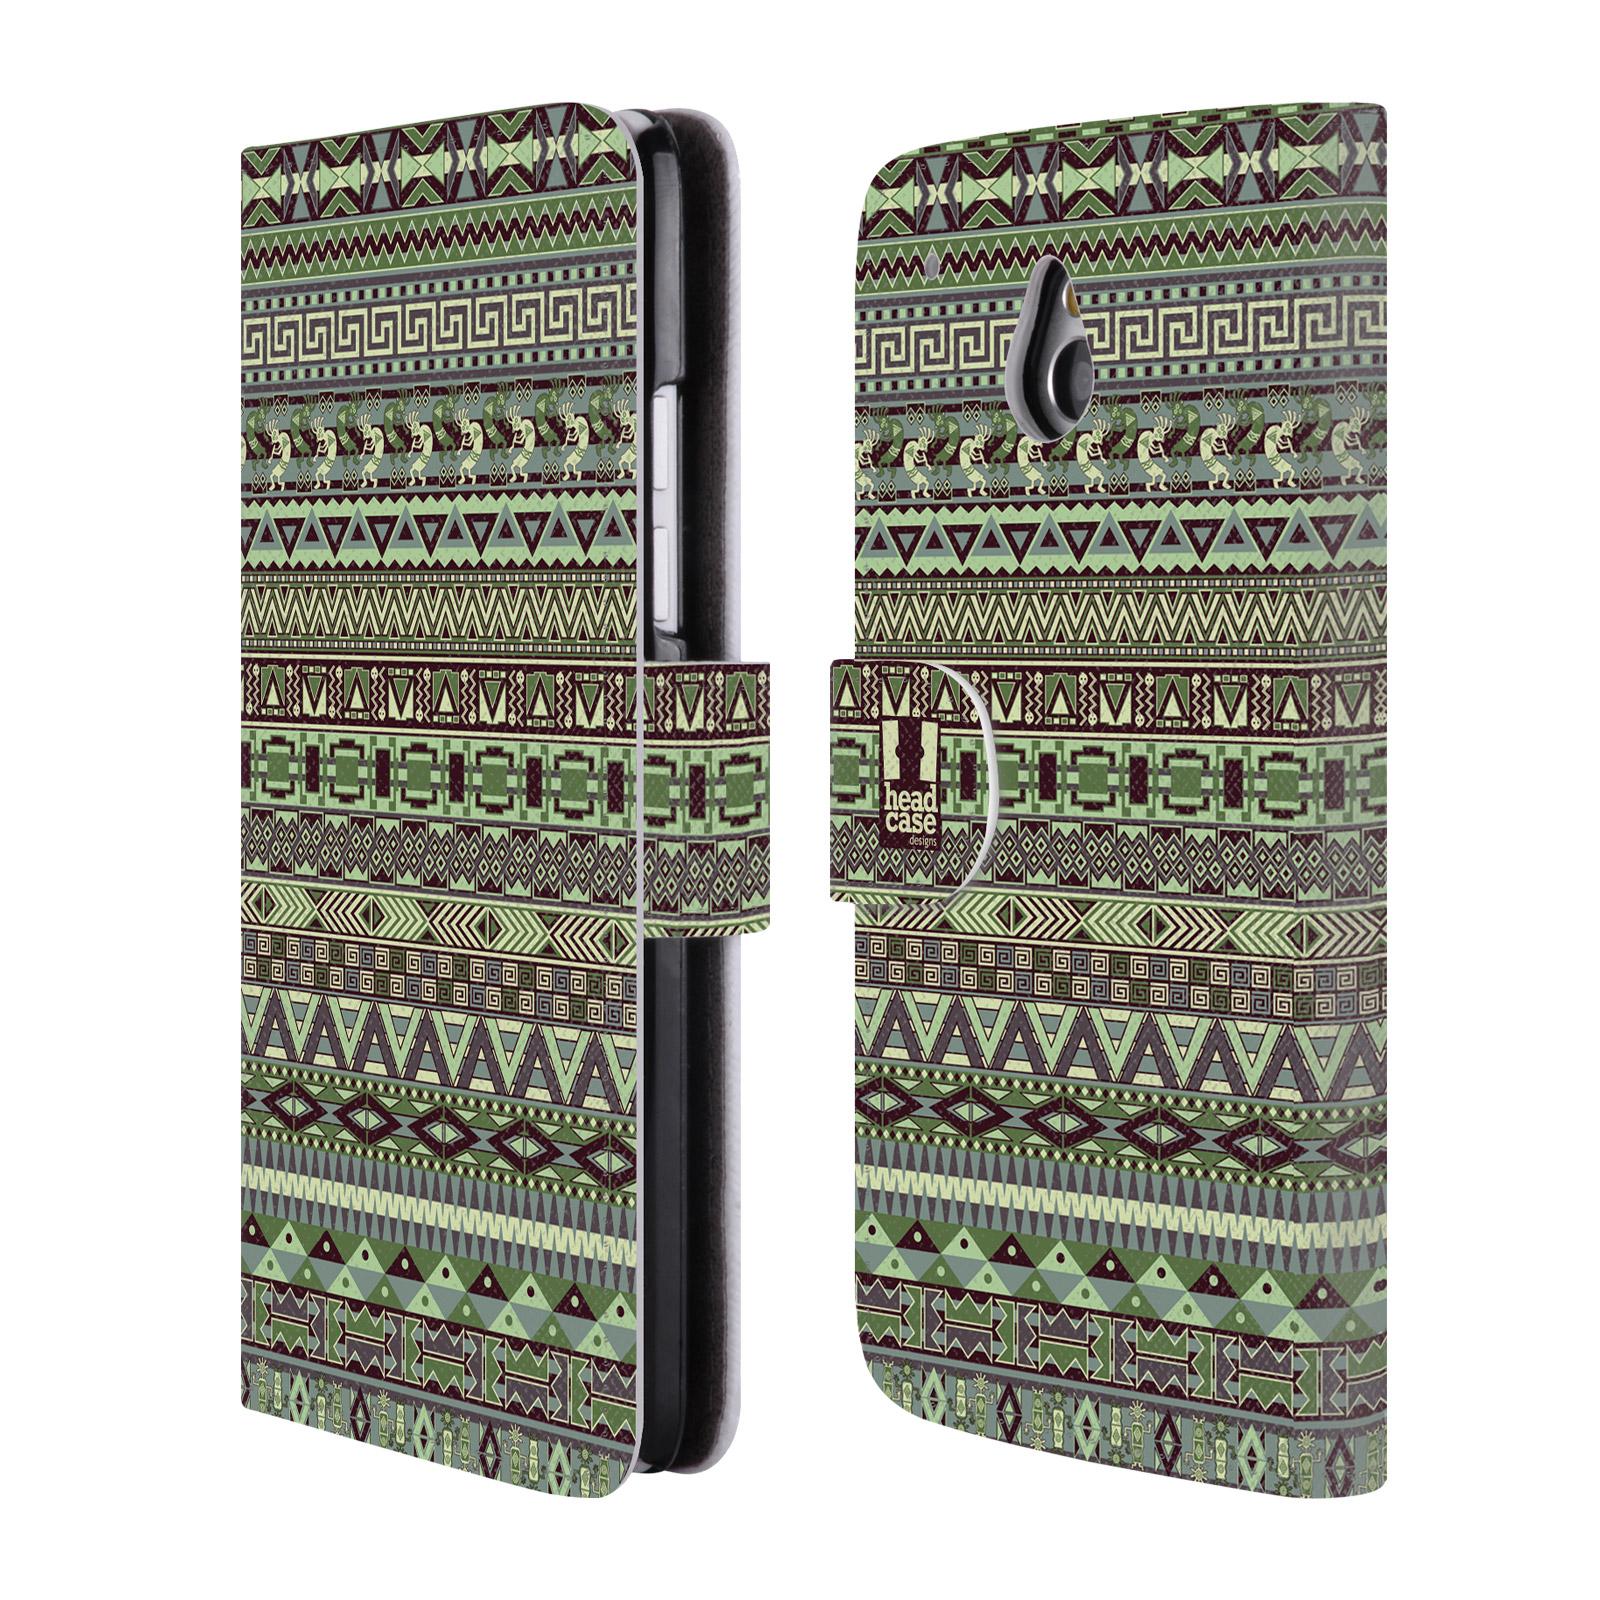 HEAD CASE Flipové pouzdro pro mobil HTC ONE MINI (M4) Indiánský vzor GREEN zelená